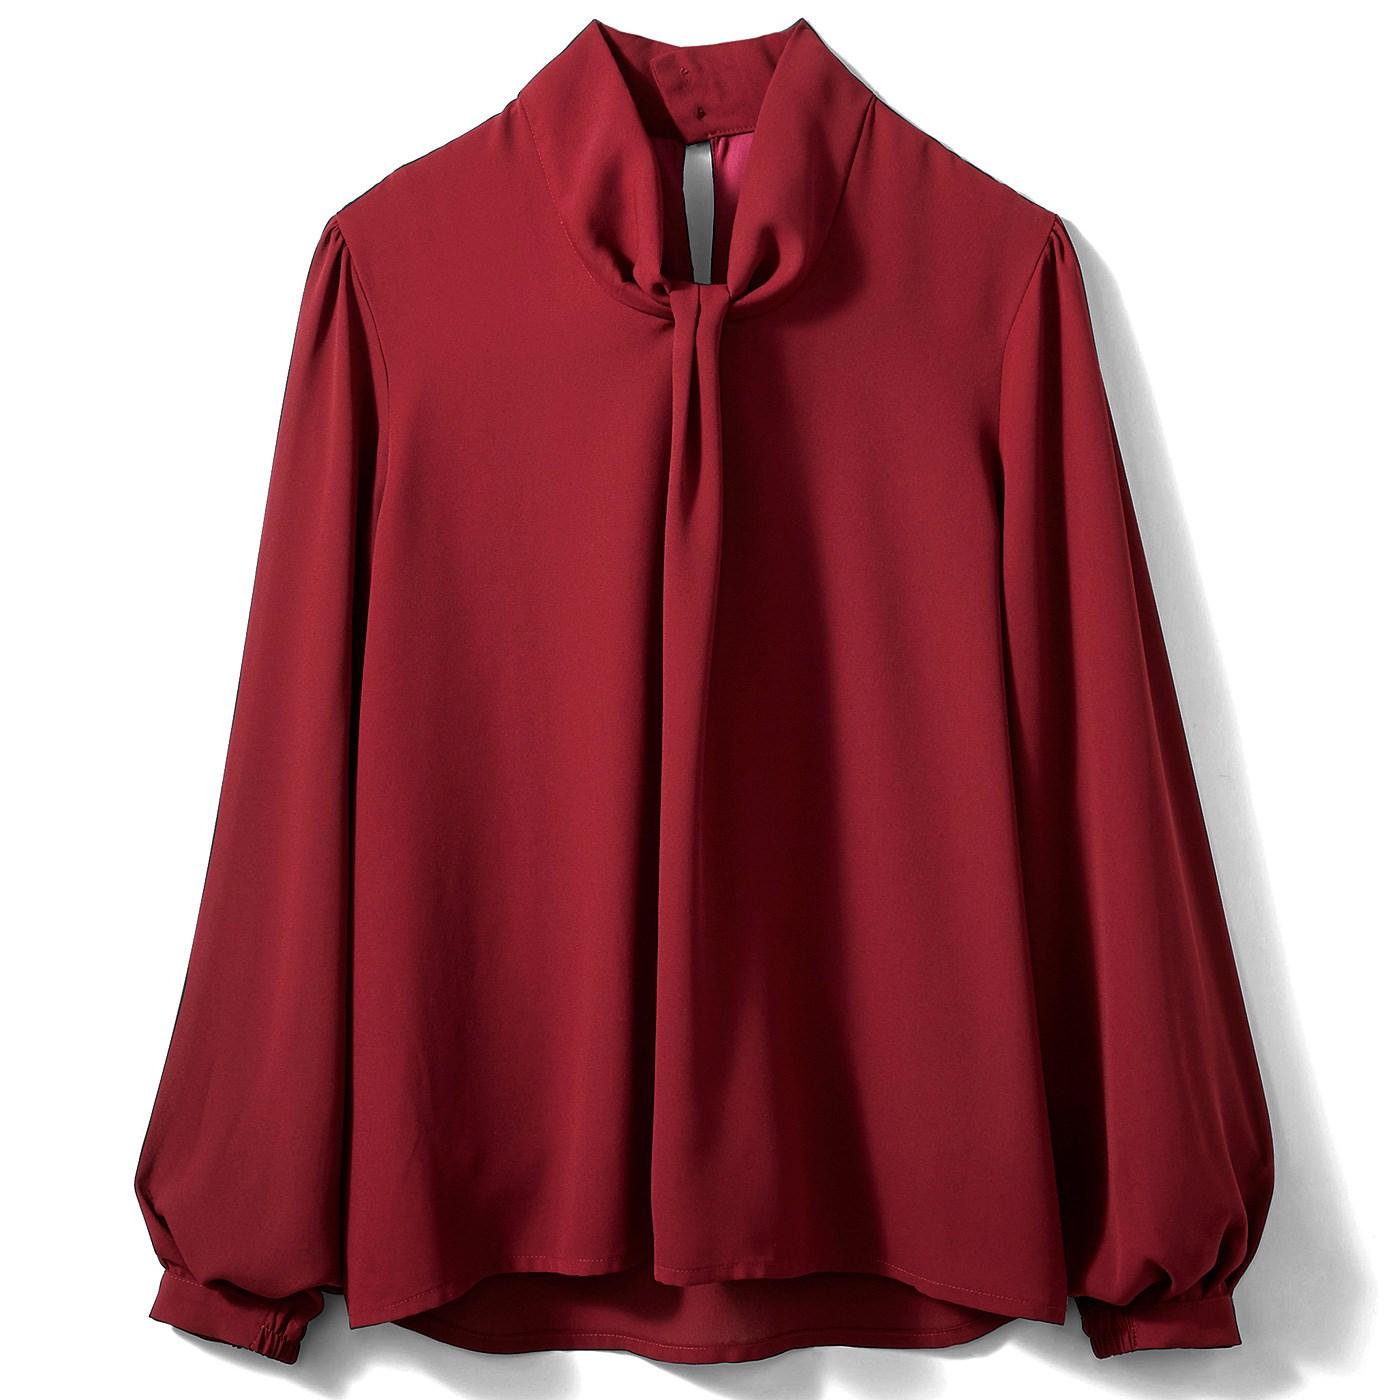 【3~10日でお届け】IEDIT[イディット] 結ぶ手間いらず! Tシャツ心地で快適なボウタイ風ドッキングTブラウス〈ワインボルドー〉